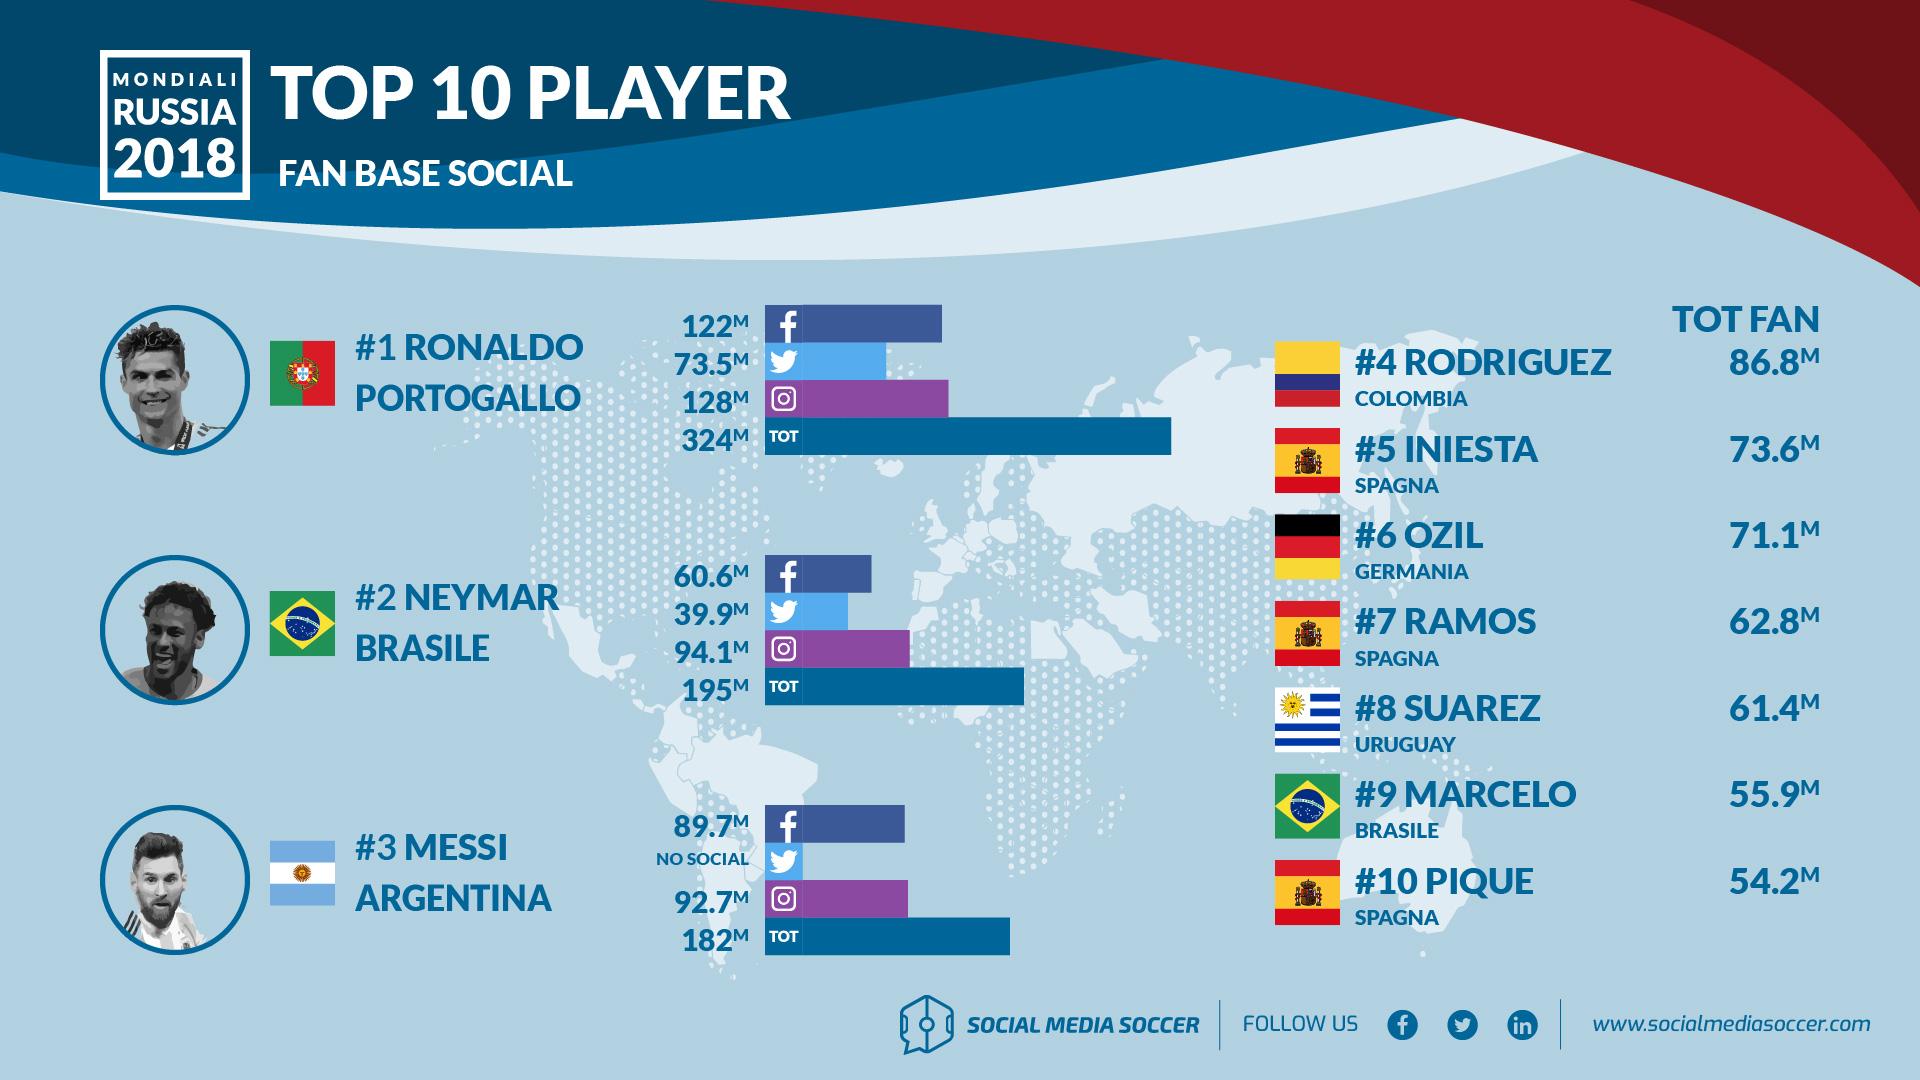 top 10 fan base giocatori mondiali